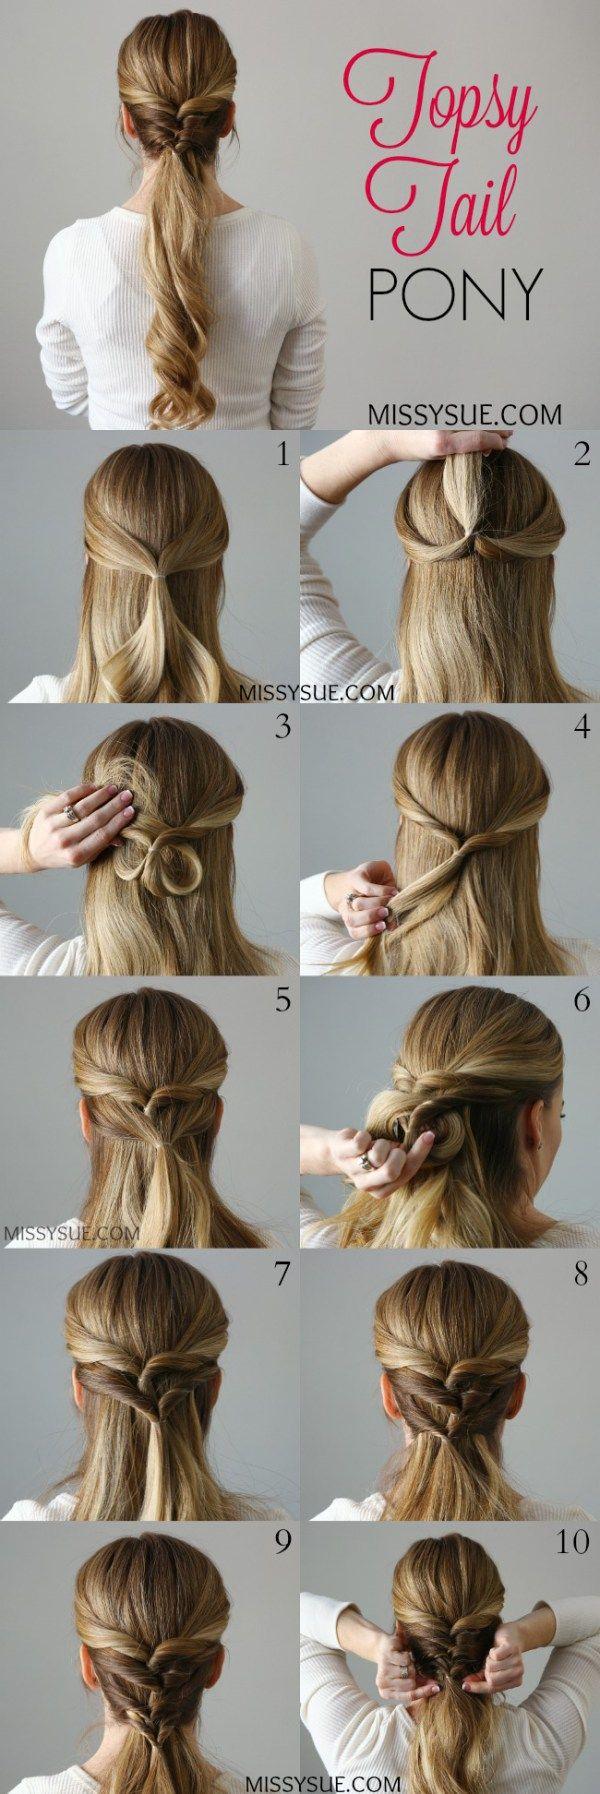 Topsy tail pony more beauty u fashion pinterest pony hair